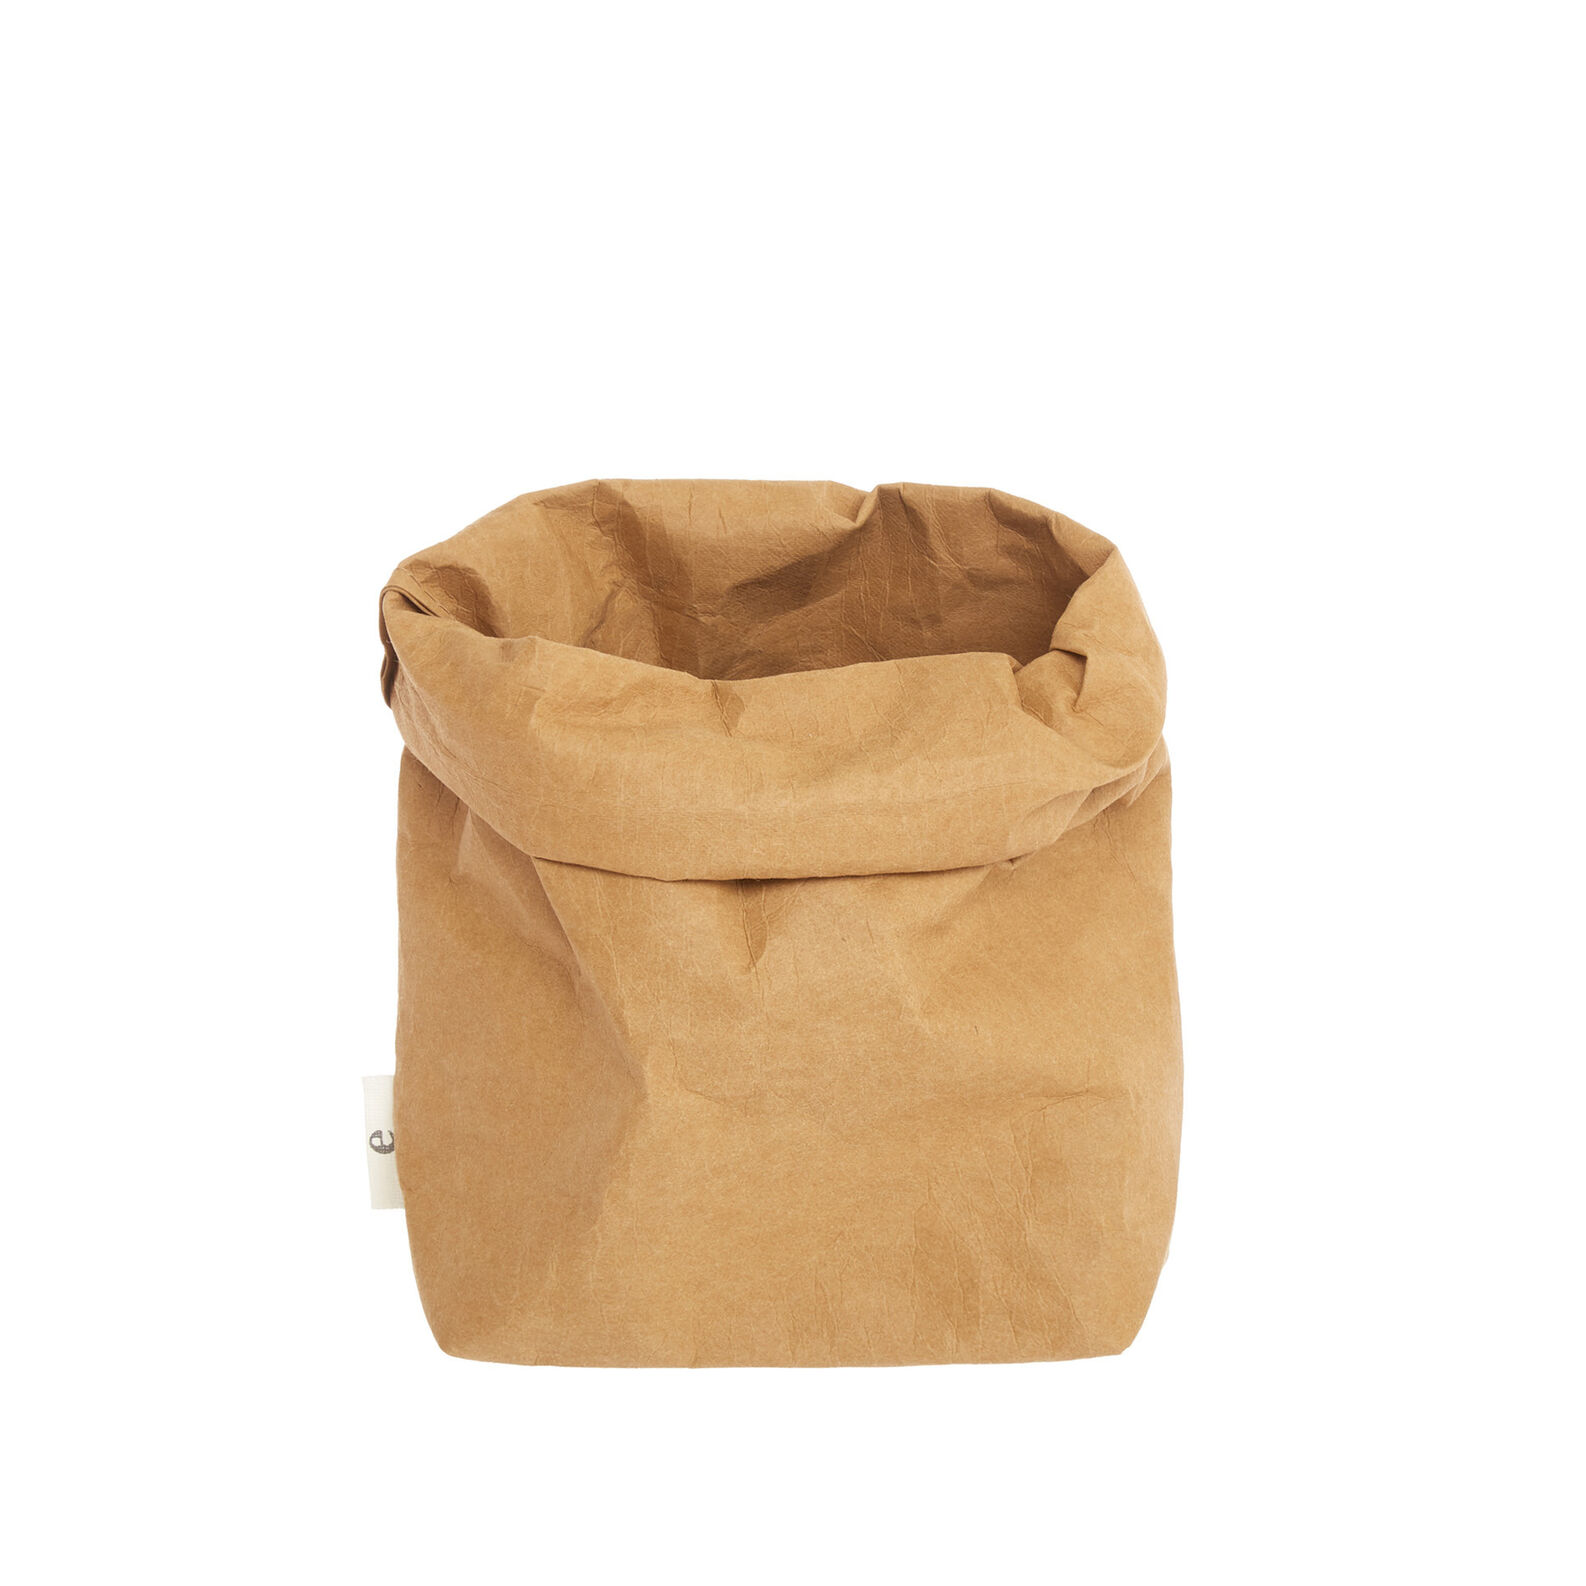 Essential sacco contenitore carta riciclata